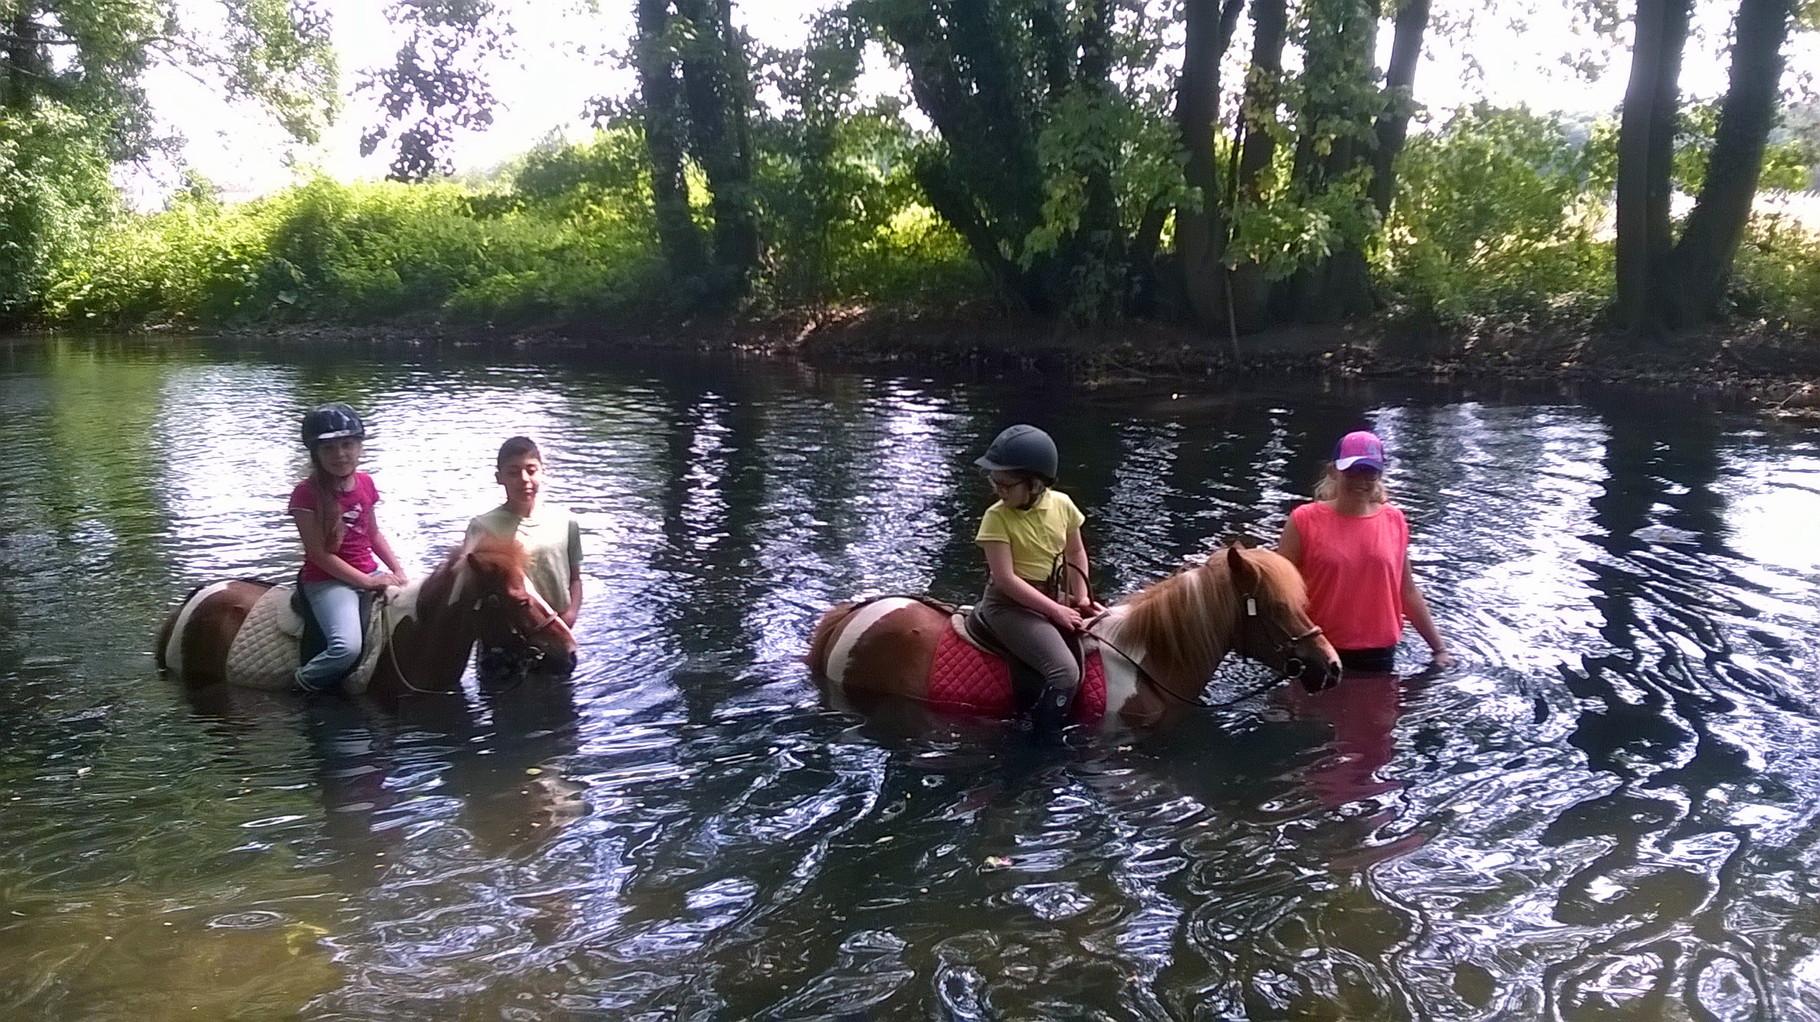 La rivière, accessible pour tous les âges et tous les niveaux